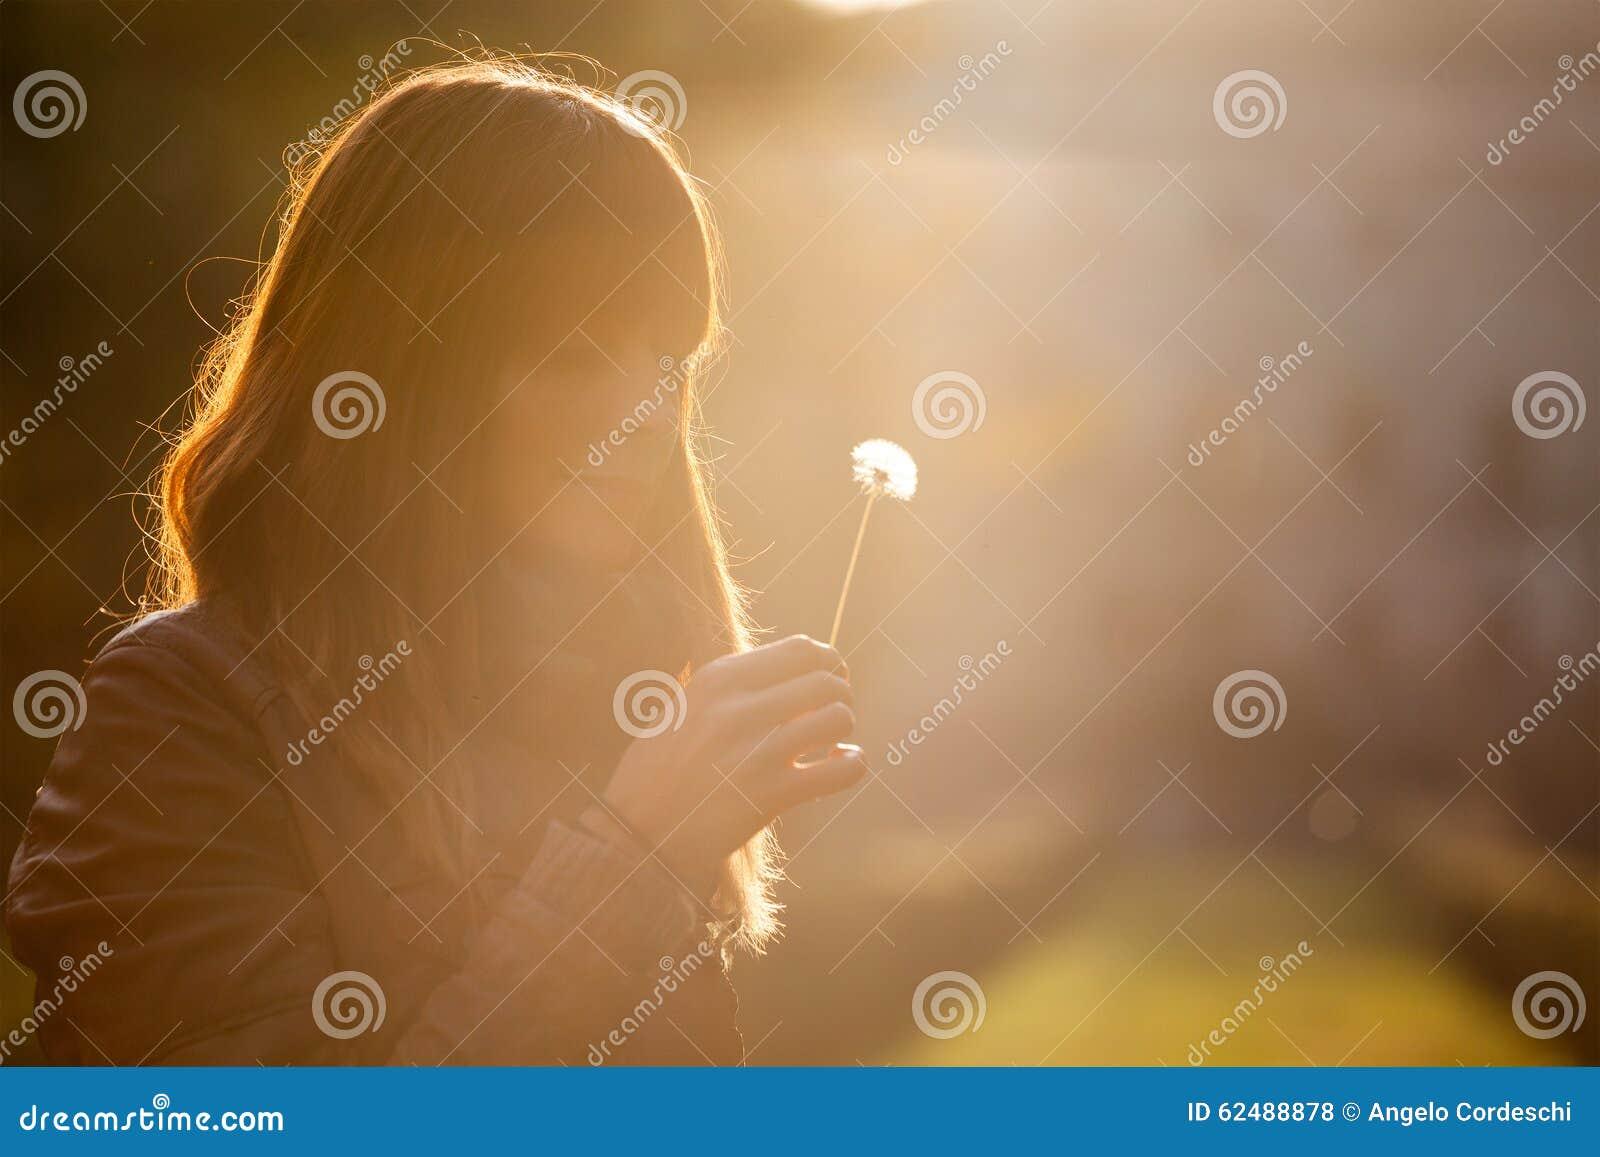 Menina delicada e frágil, mulher doce da esperança e natureza Por do sol romântico